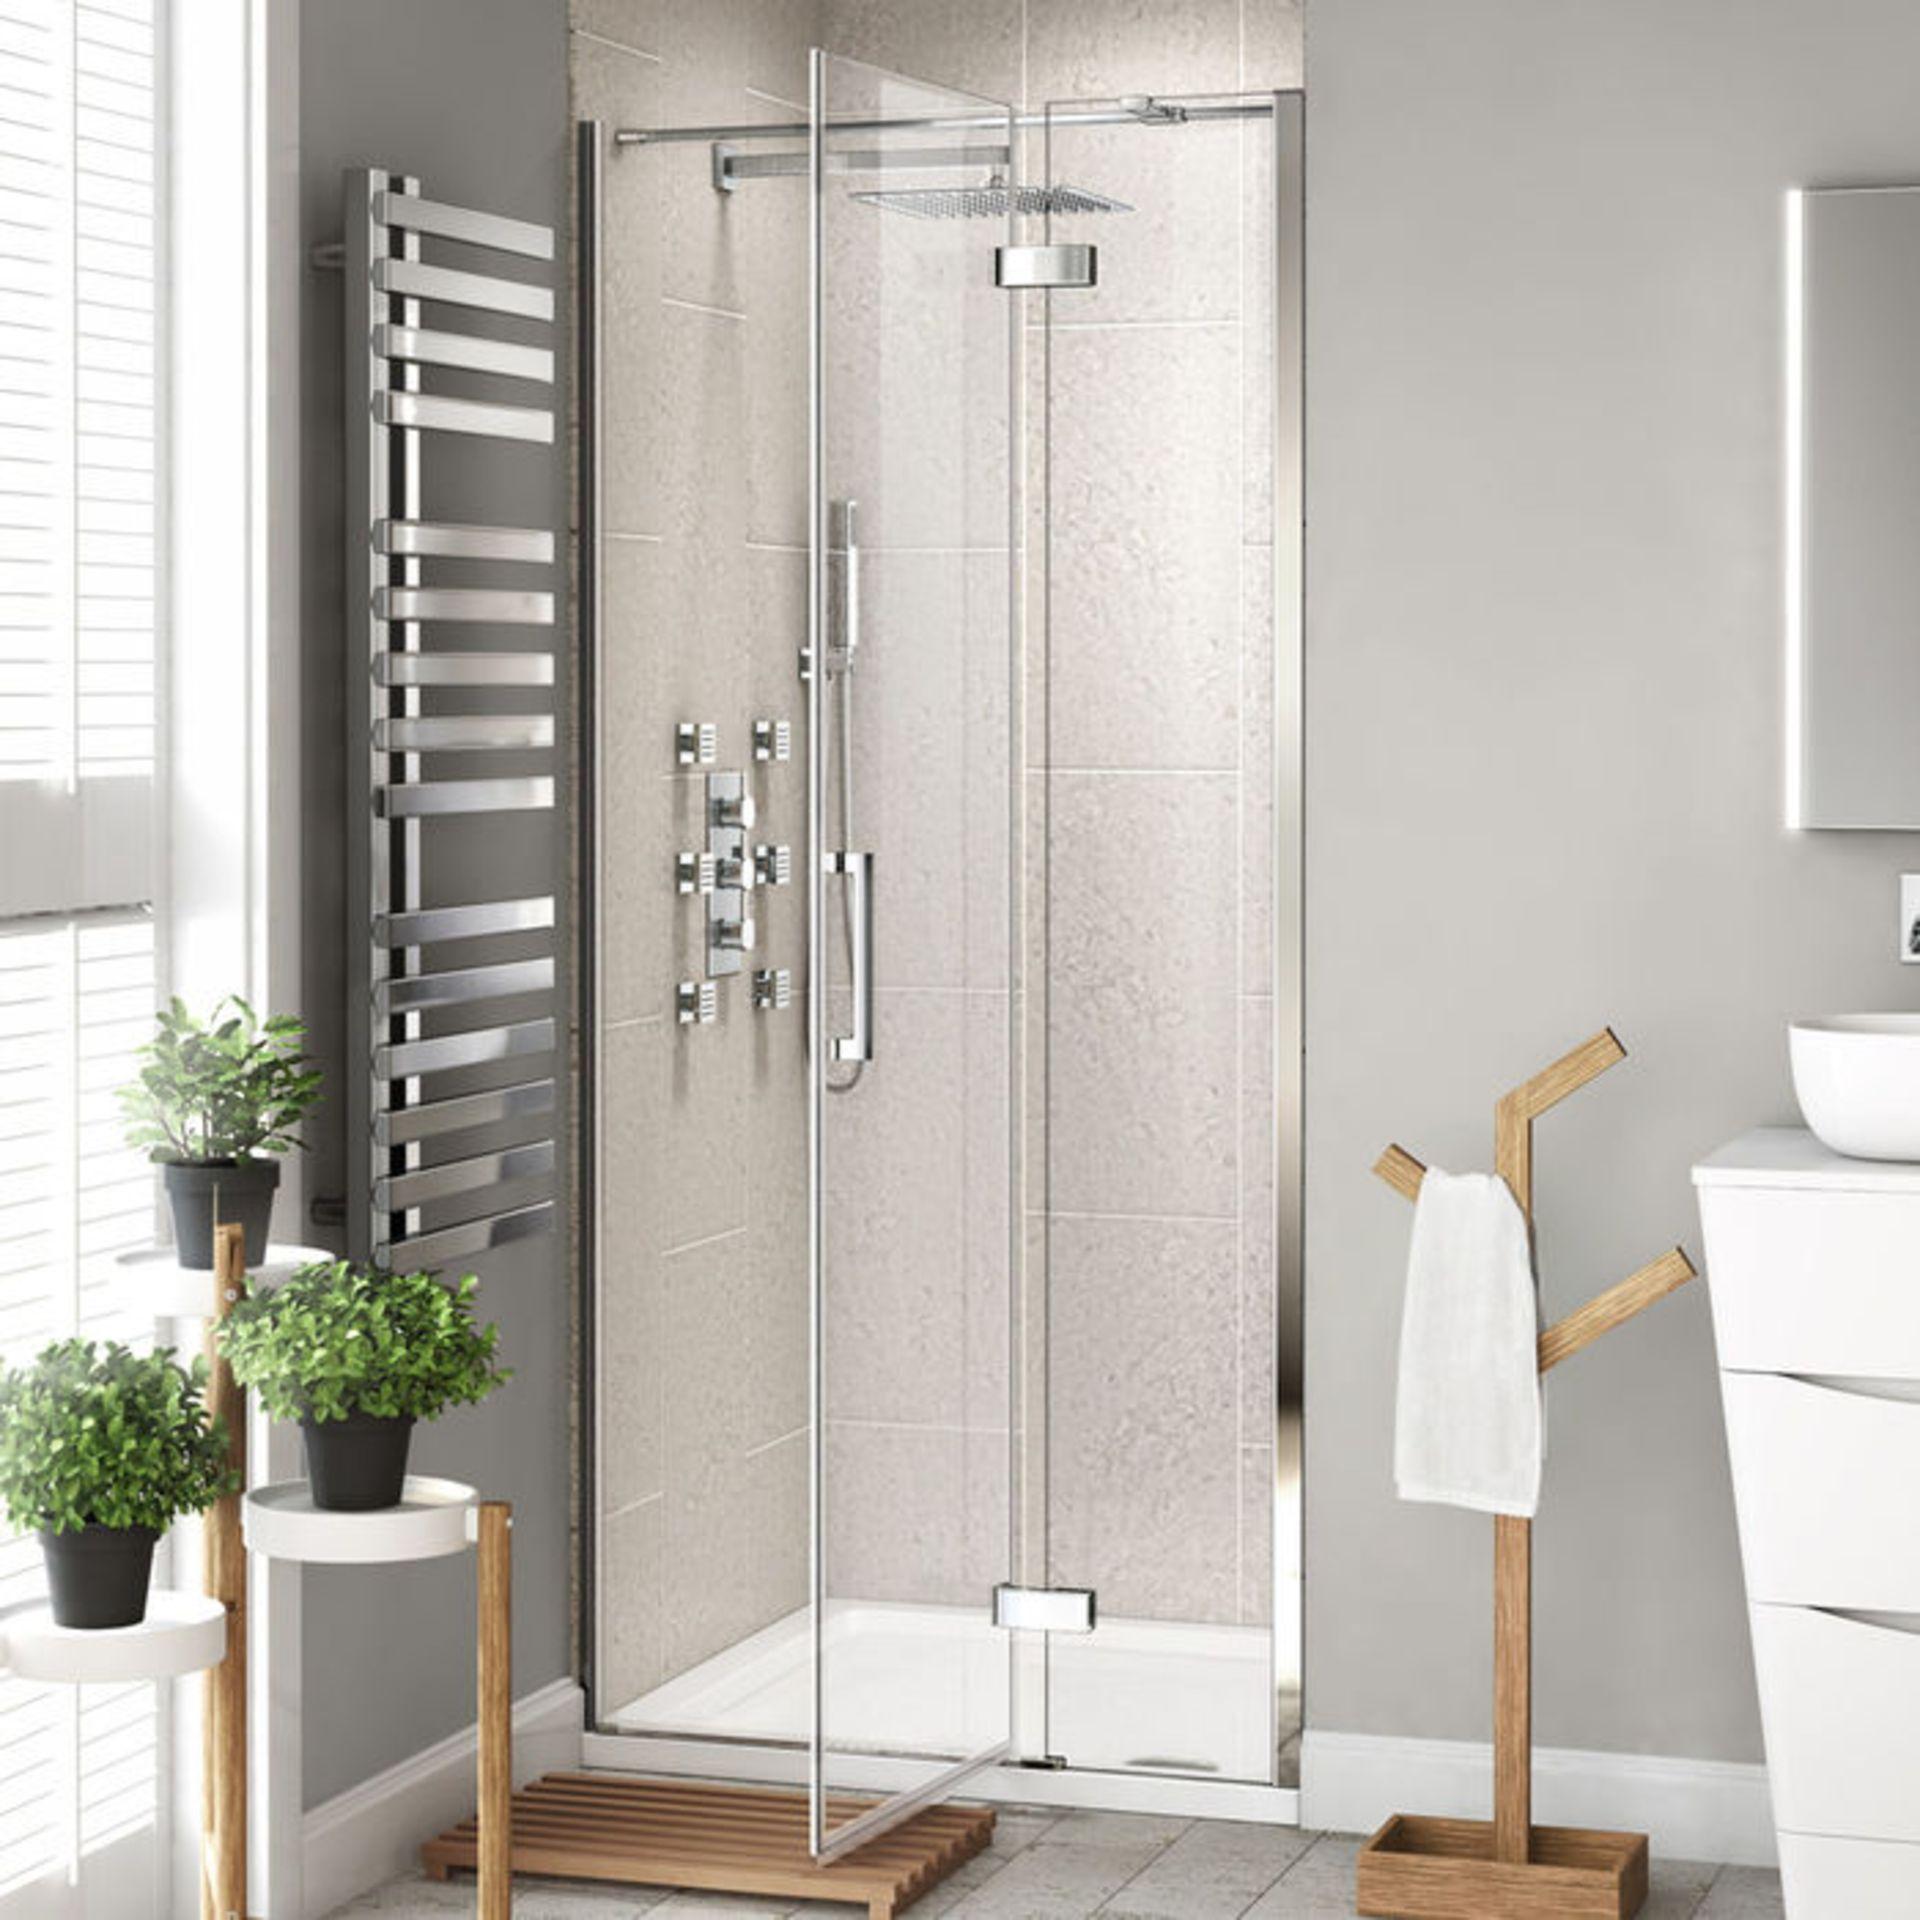 Lot 36 - (PJ189) 1000mm - 8mm - Premium EasyClean Hinged Shower Door. RRP £499.99. 8mm EasyClean glass -